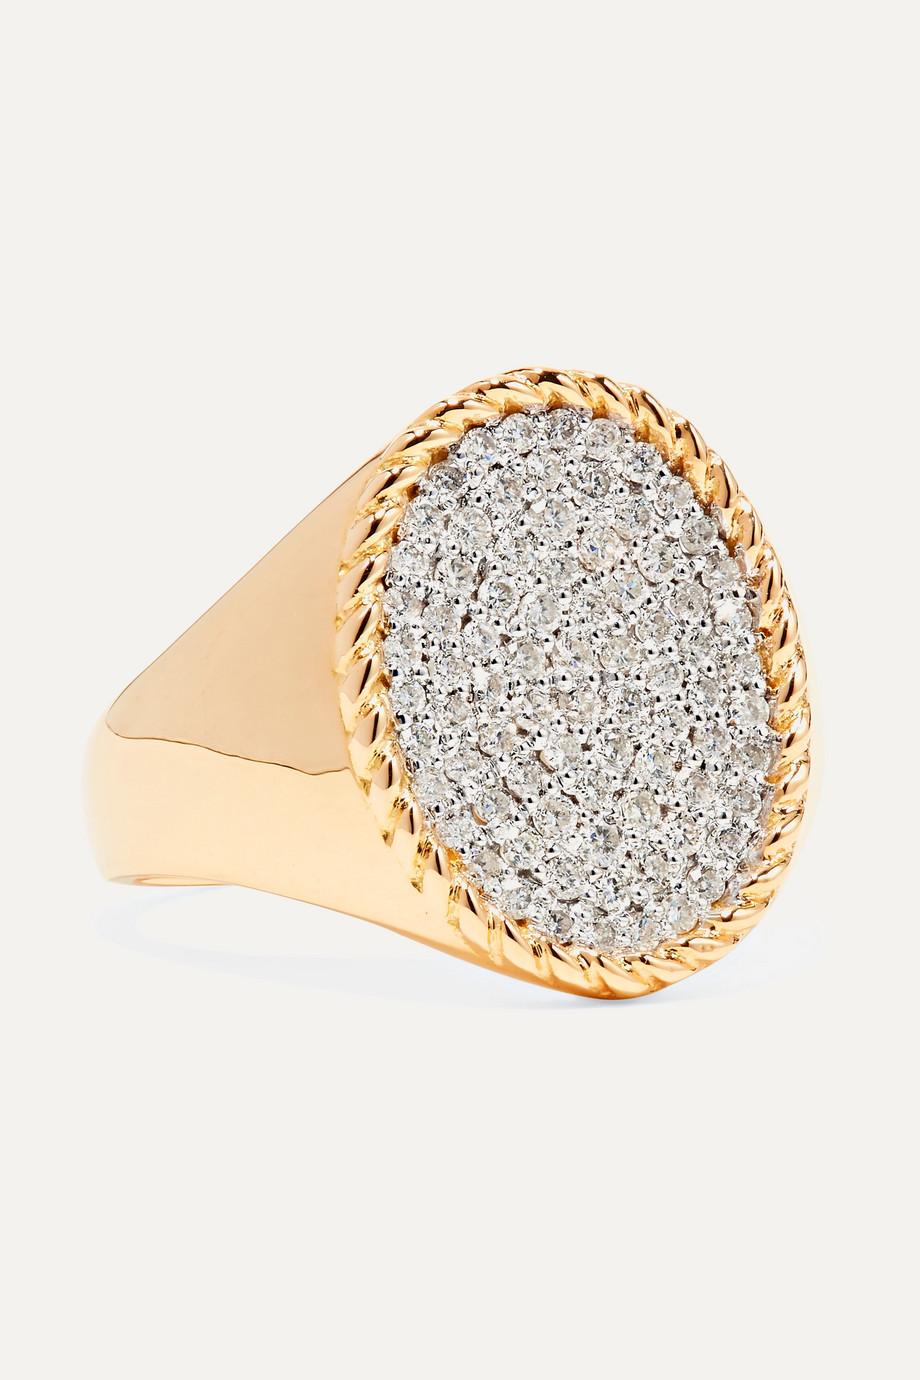 Yvonne Léon Bague en or 18carats et diamants